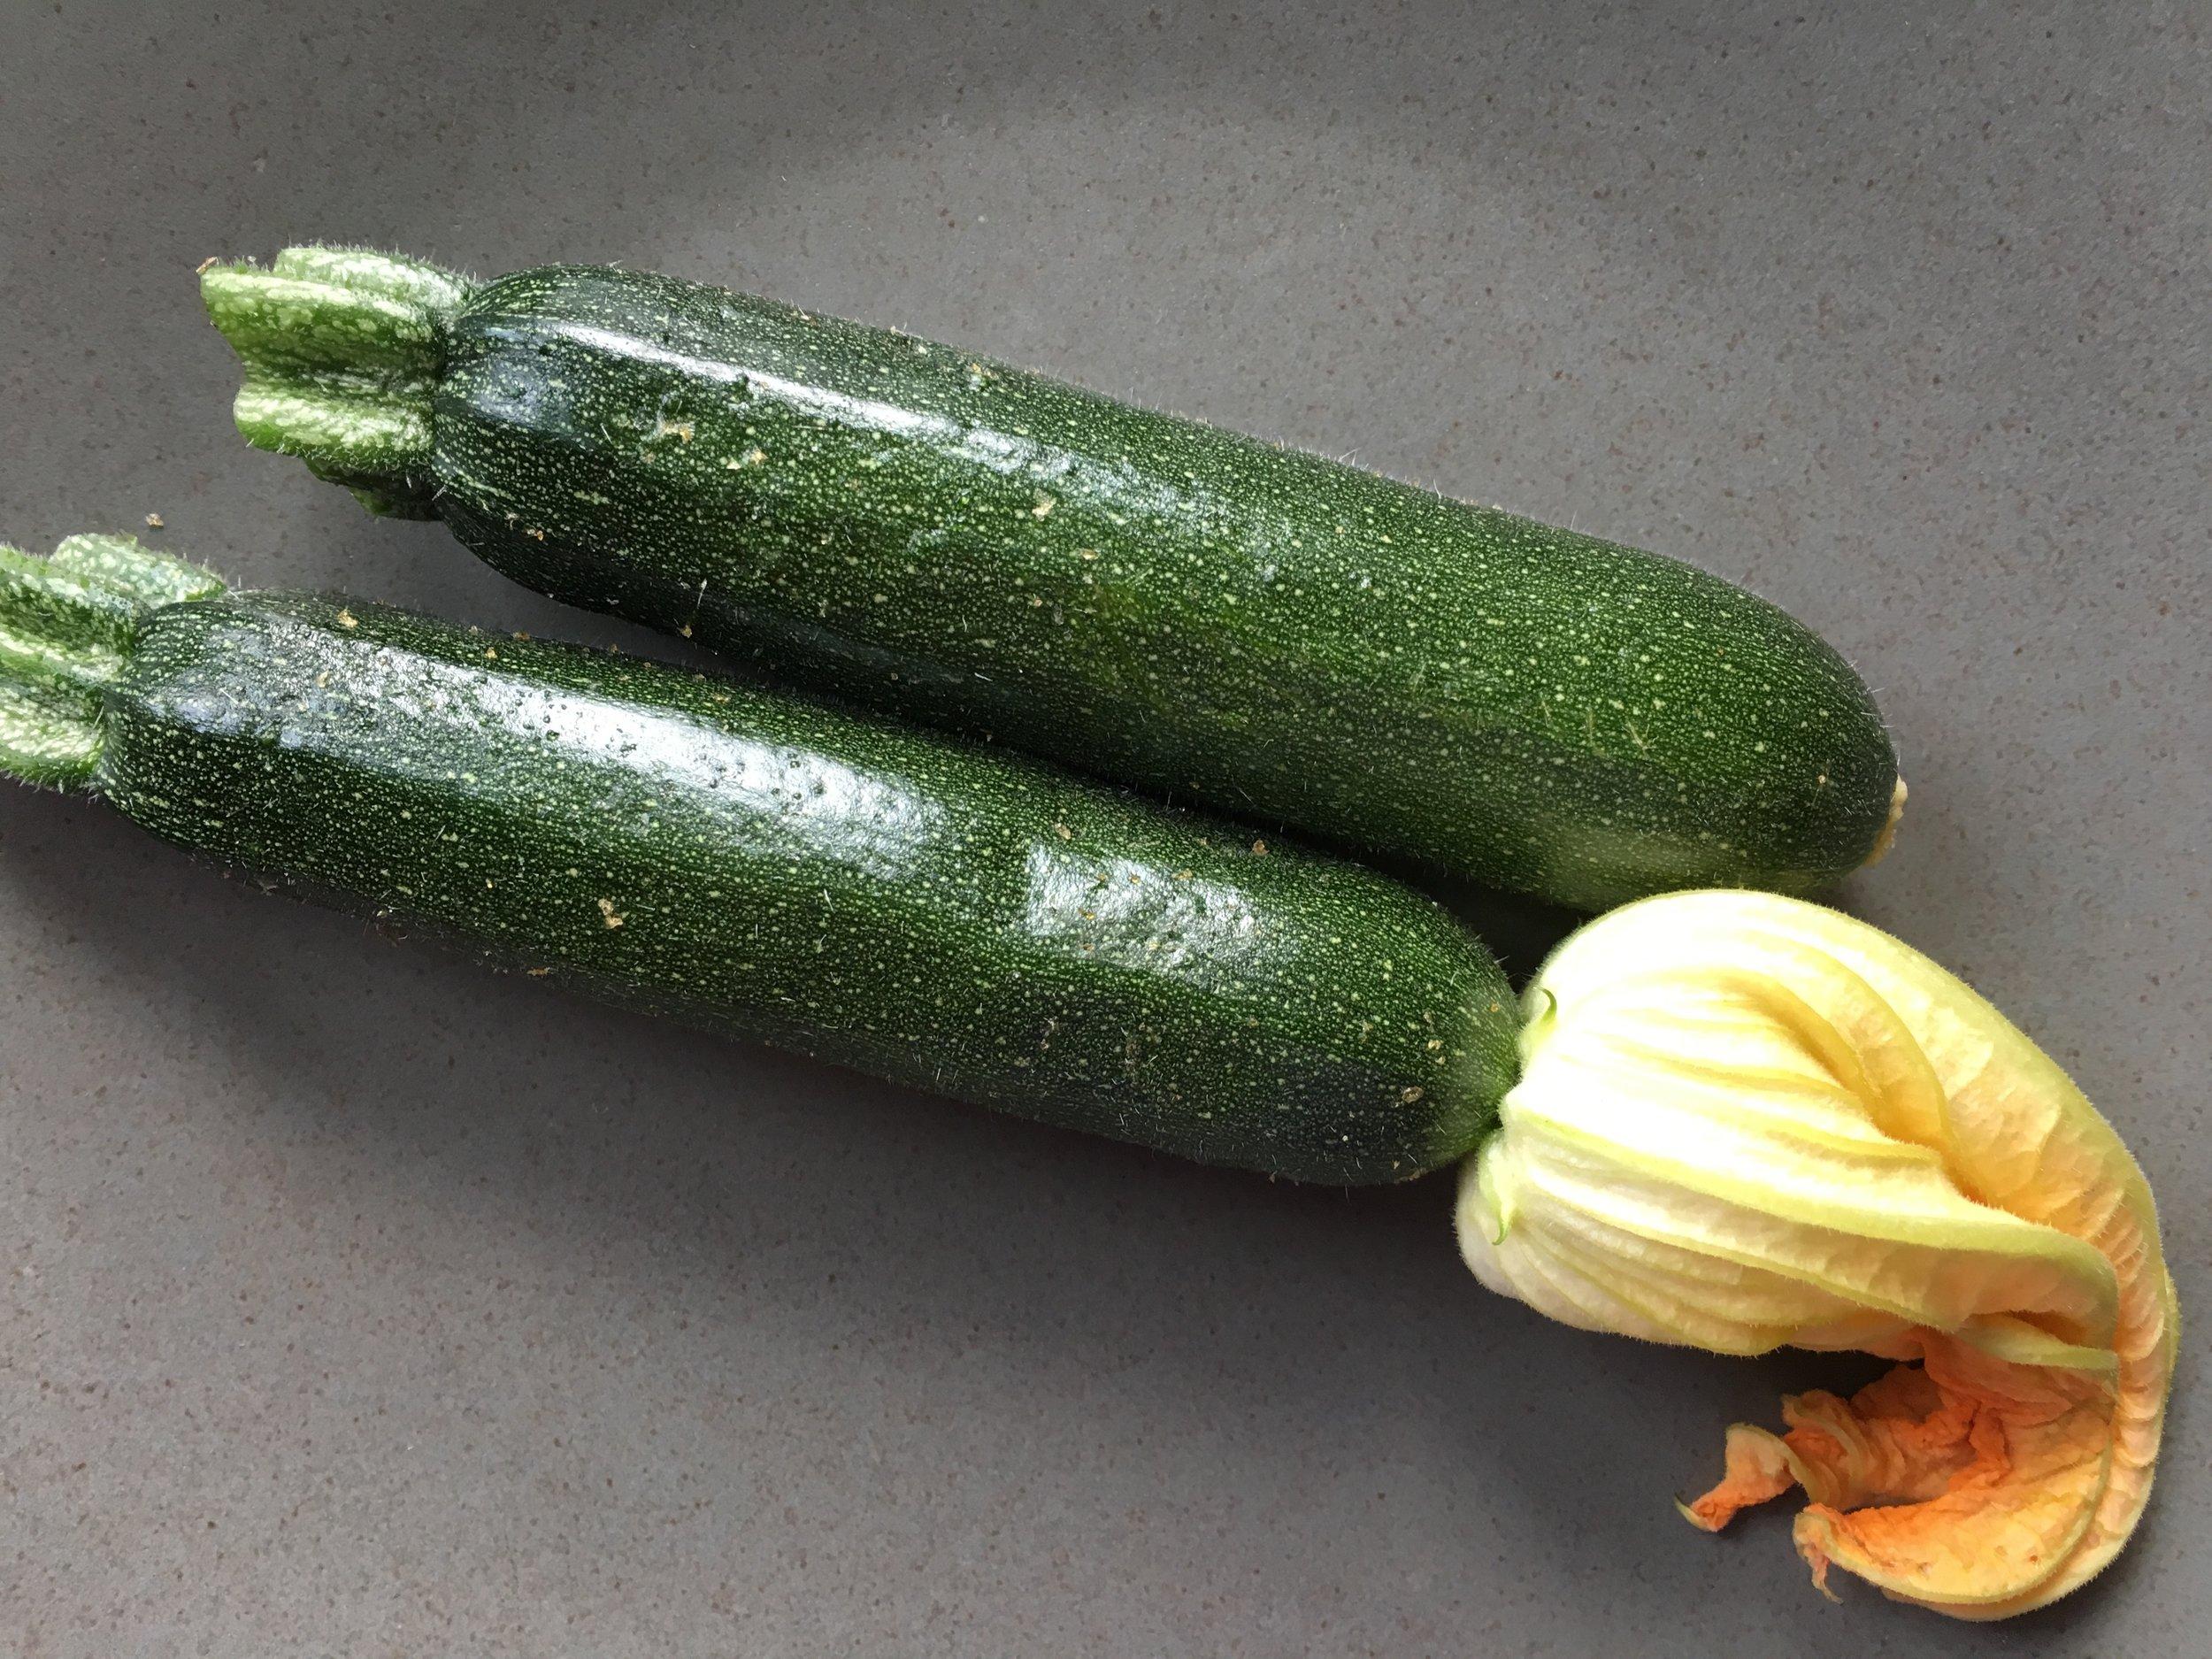 Zucchini 95% water